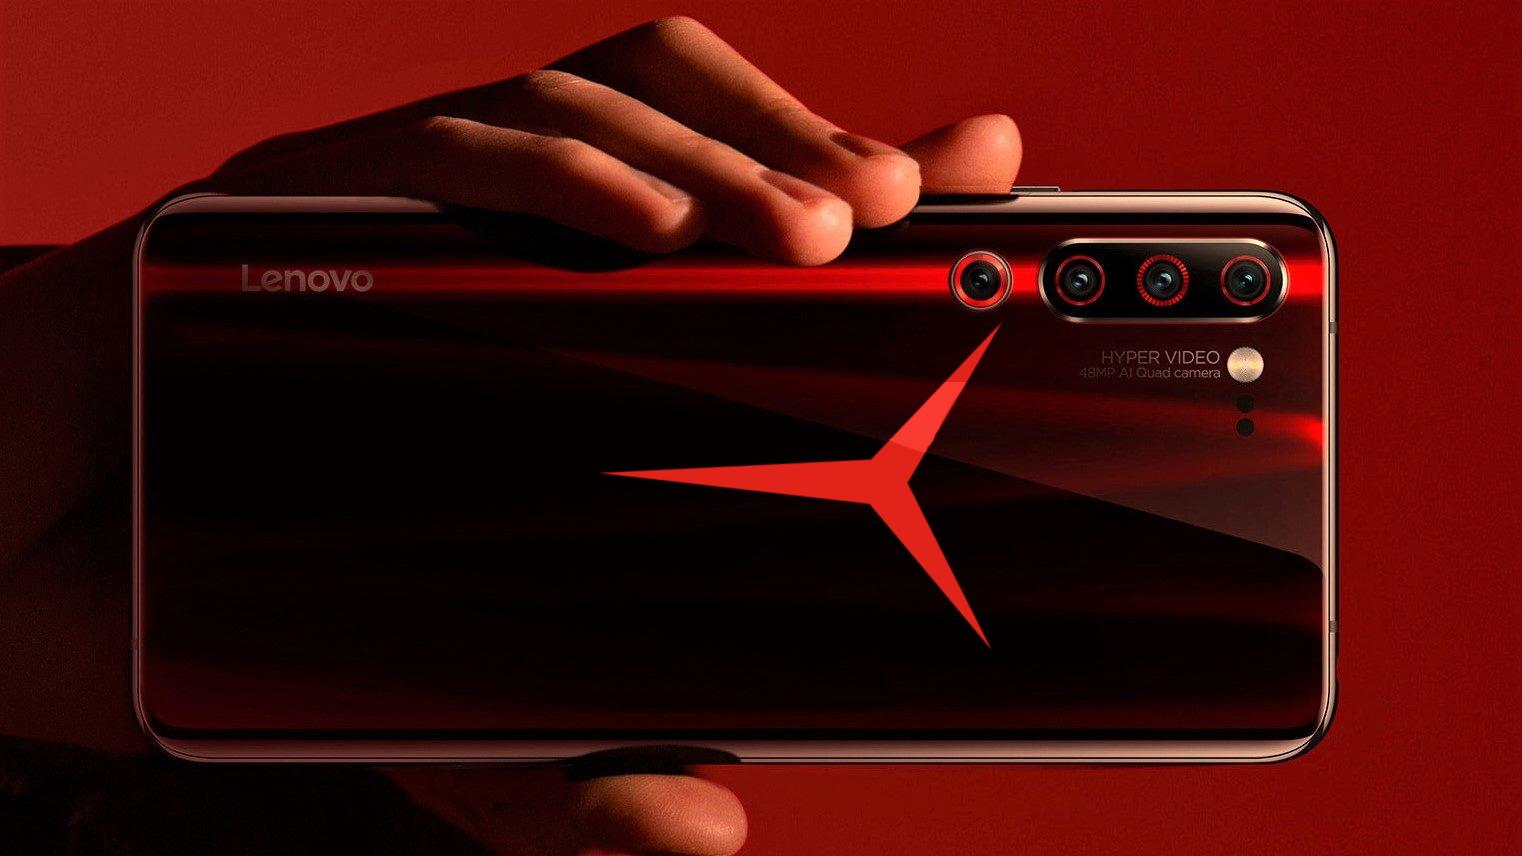 เปิดเผยต้นแบบของโทรศัพท์เกมมิ่ง Lenovo Legion รุ่นล่าสุด